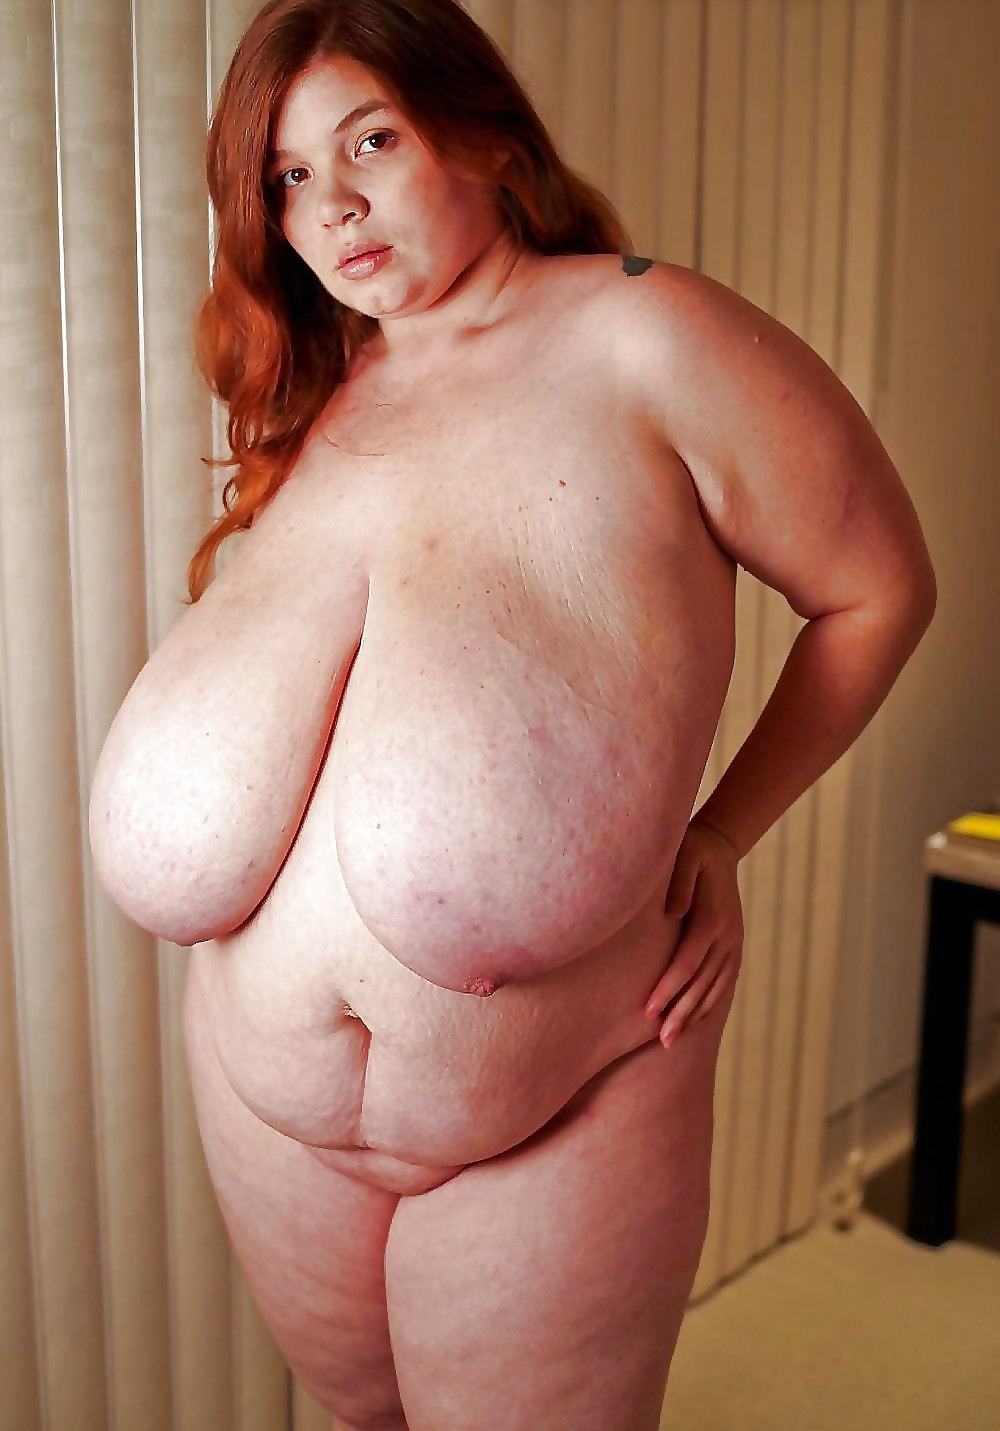 наиболее частый подборка большие сиськи толстых хотелось добавить